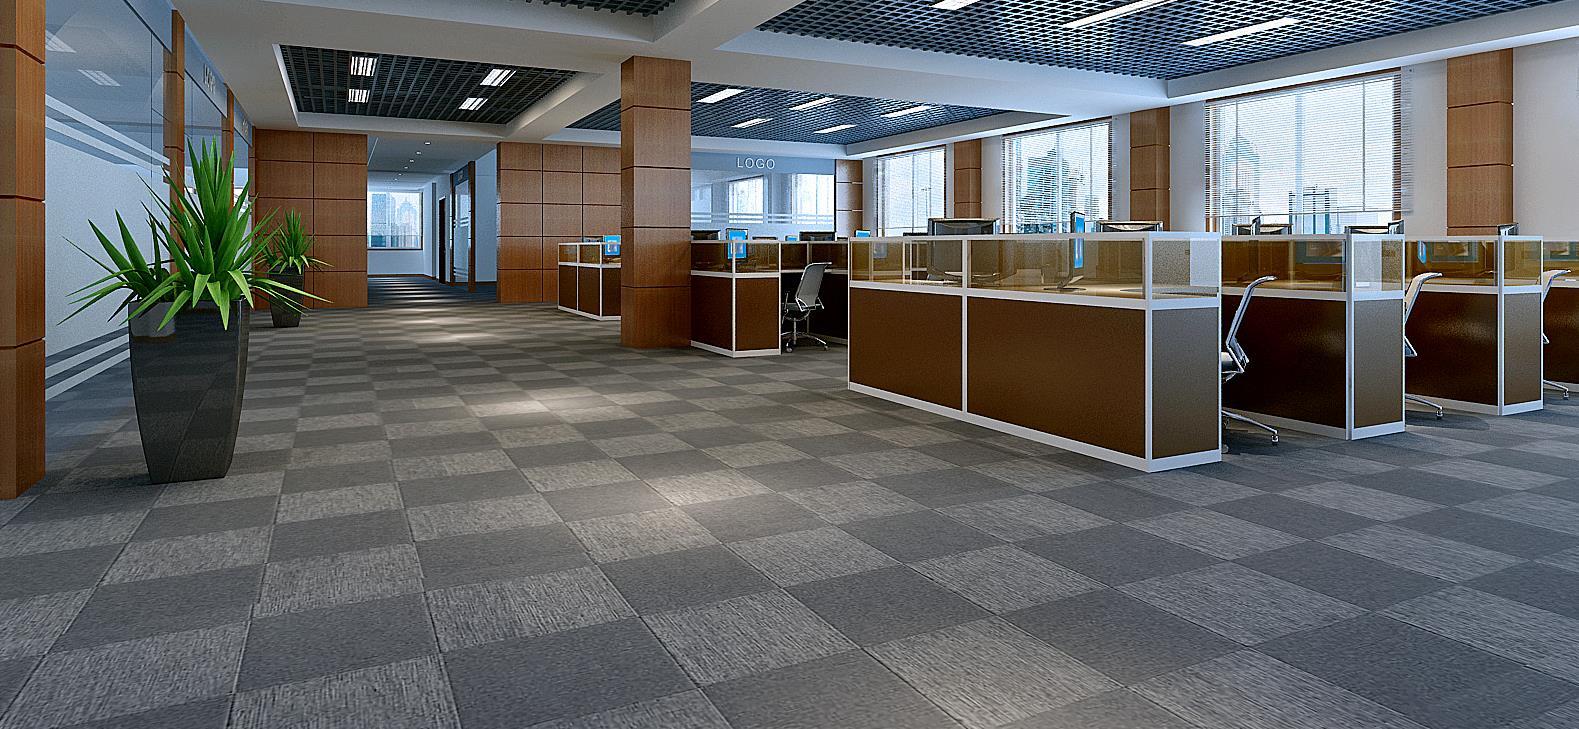 林德纳地板|林德纳防静电地板官网--林德纳